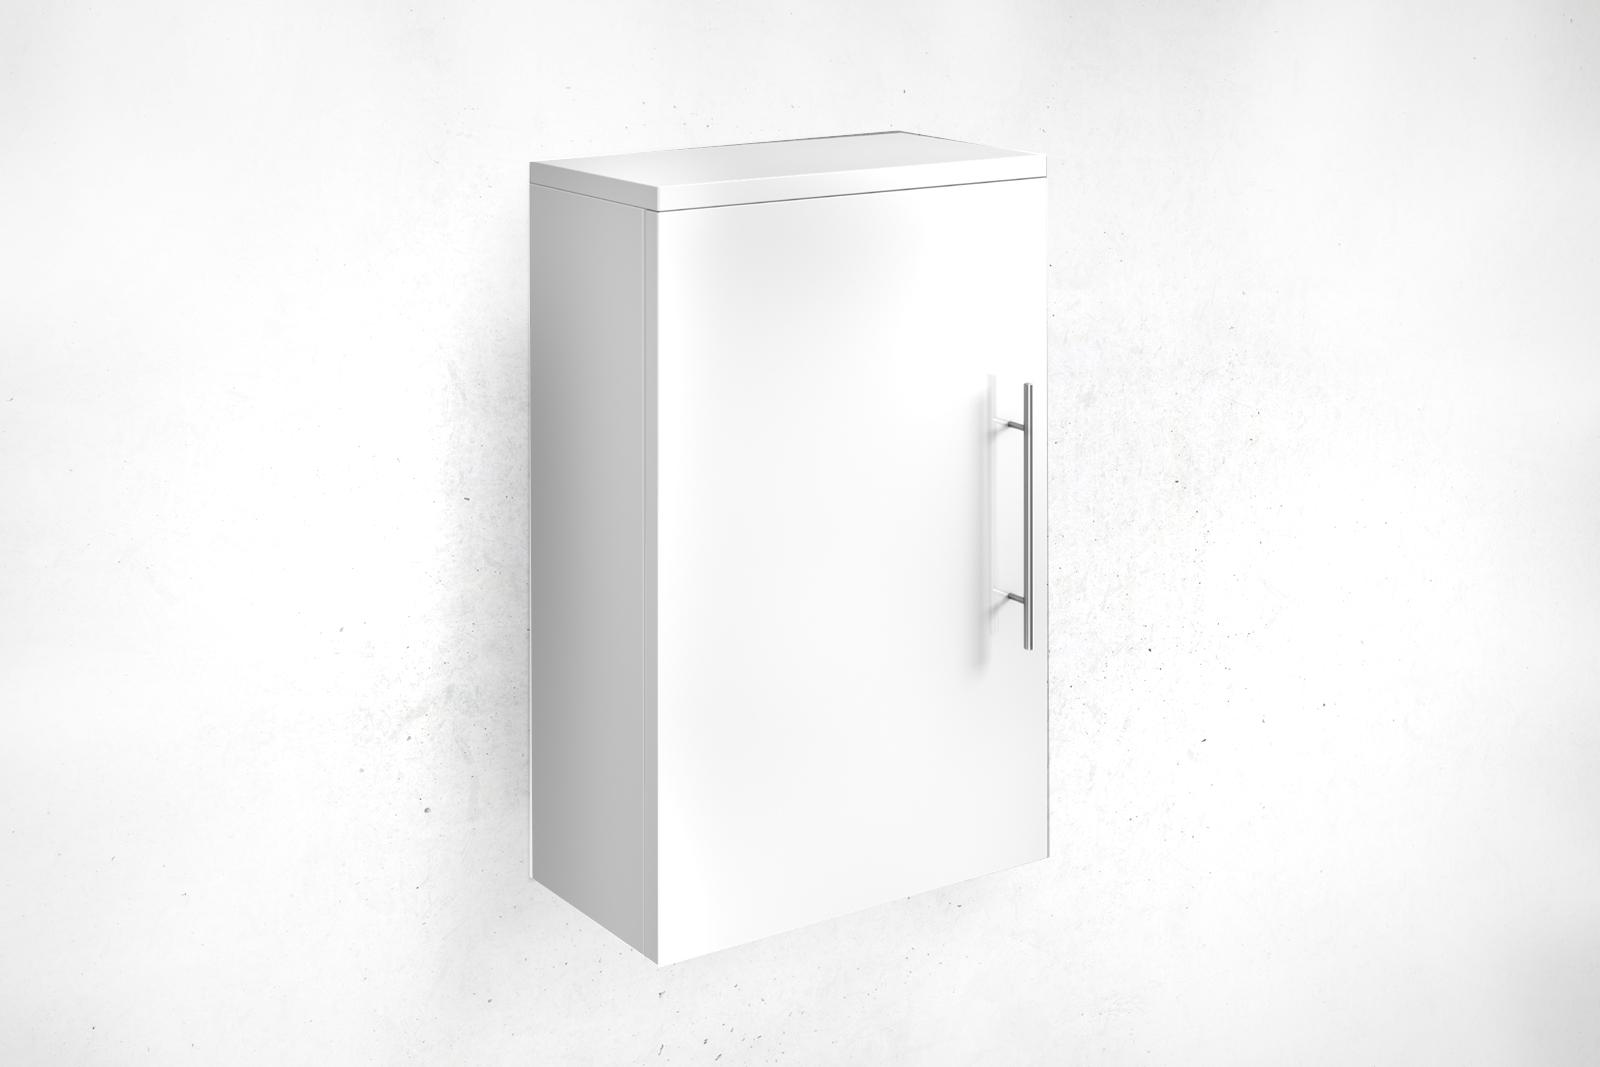 sam bad h ngeschrank badezimmerschrank hochglanz wei verena. Black Bedroom Furniture Sets. Home Design Ideas